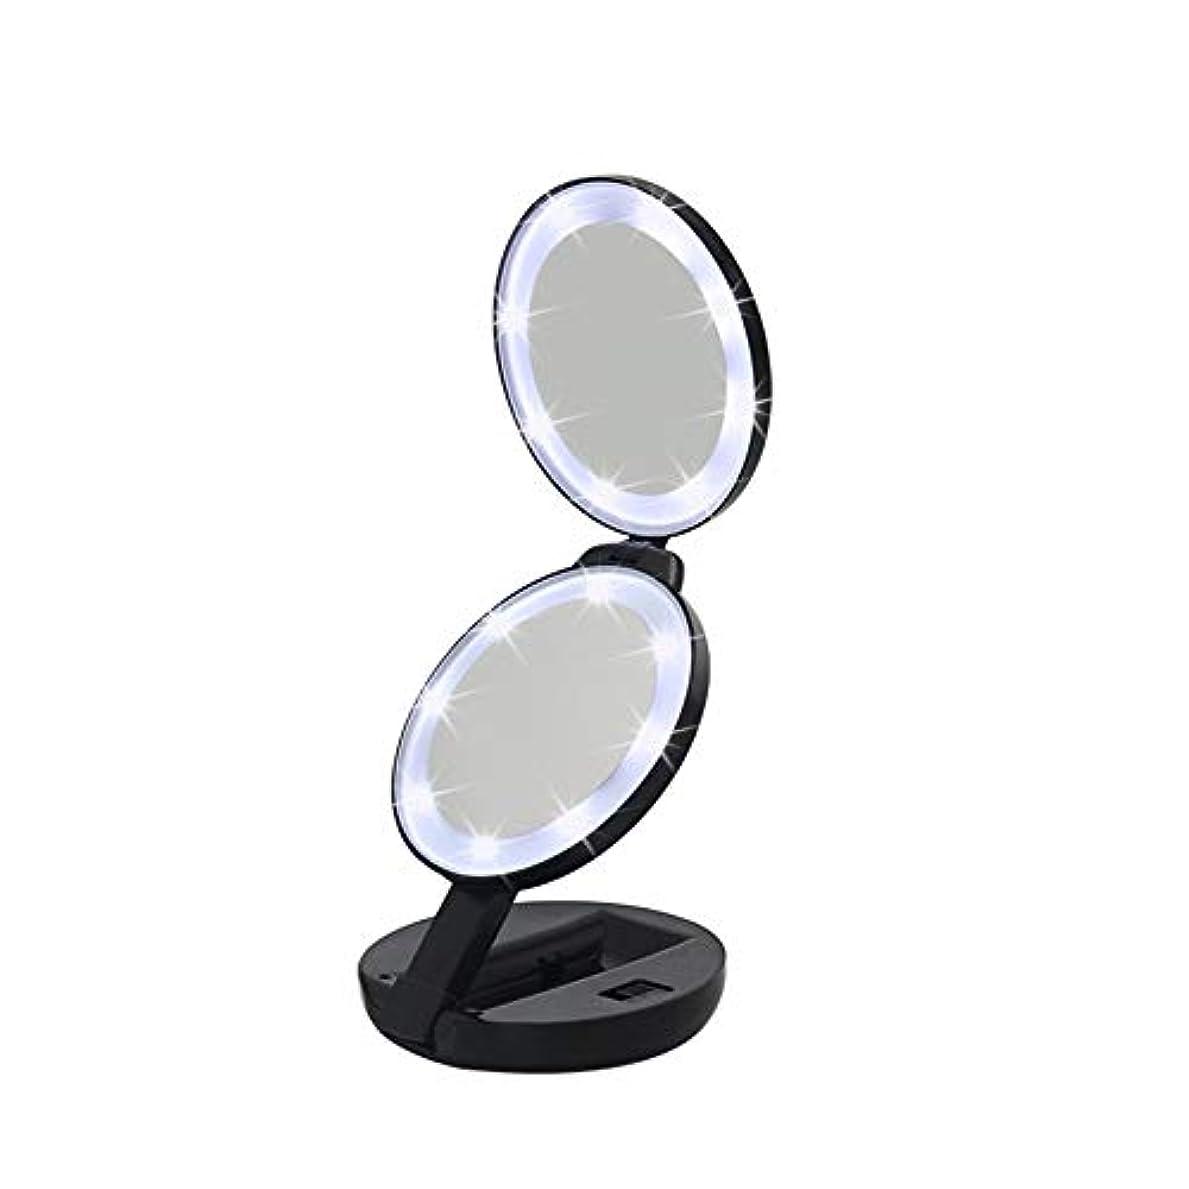 怪物スリップシューズ喉が渇いた流行の 新しいラウンド三つ折りLEDフィルライト化粧鏡ABS素材虫眼鏡ハンドヘルド美容ミラーブラック